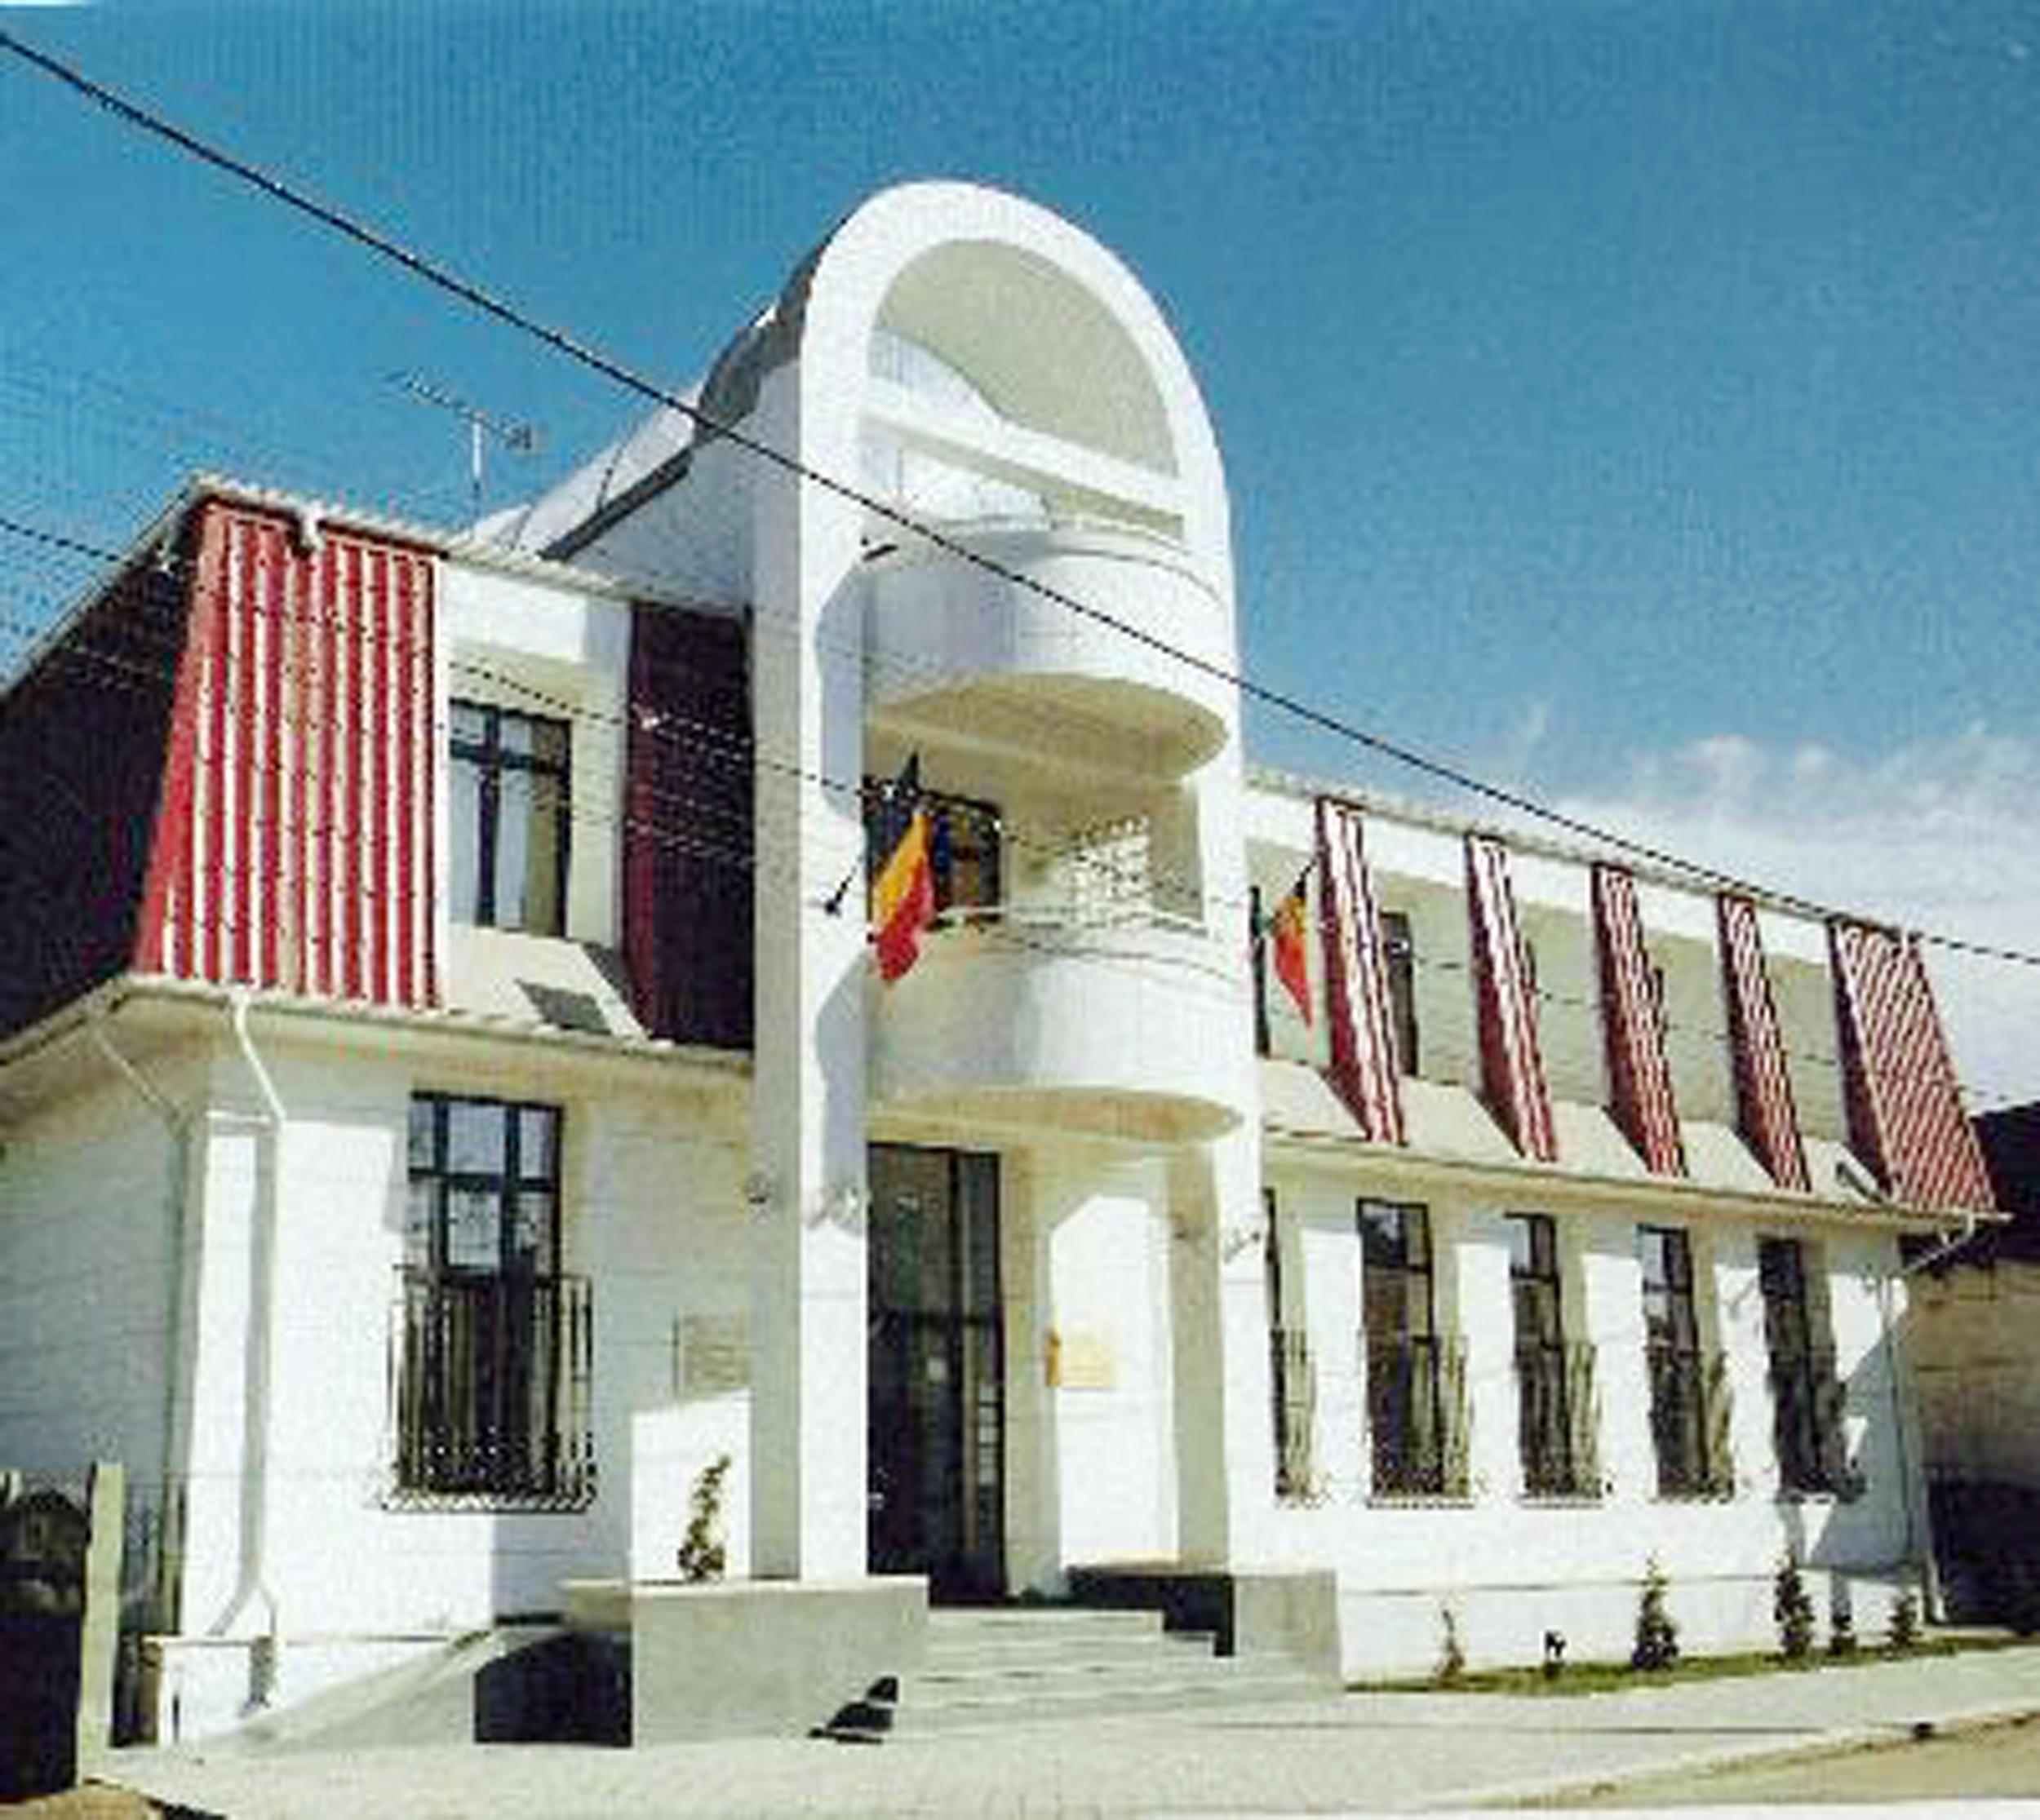 Judecatoria Balcesti